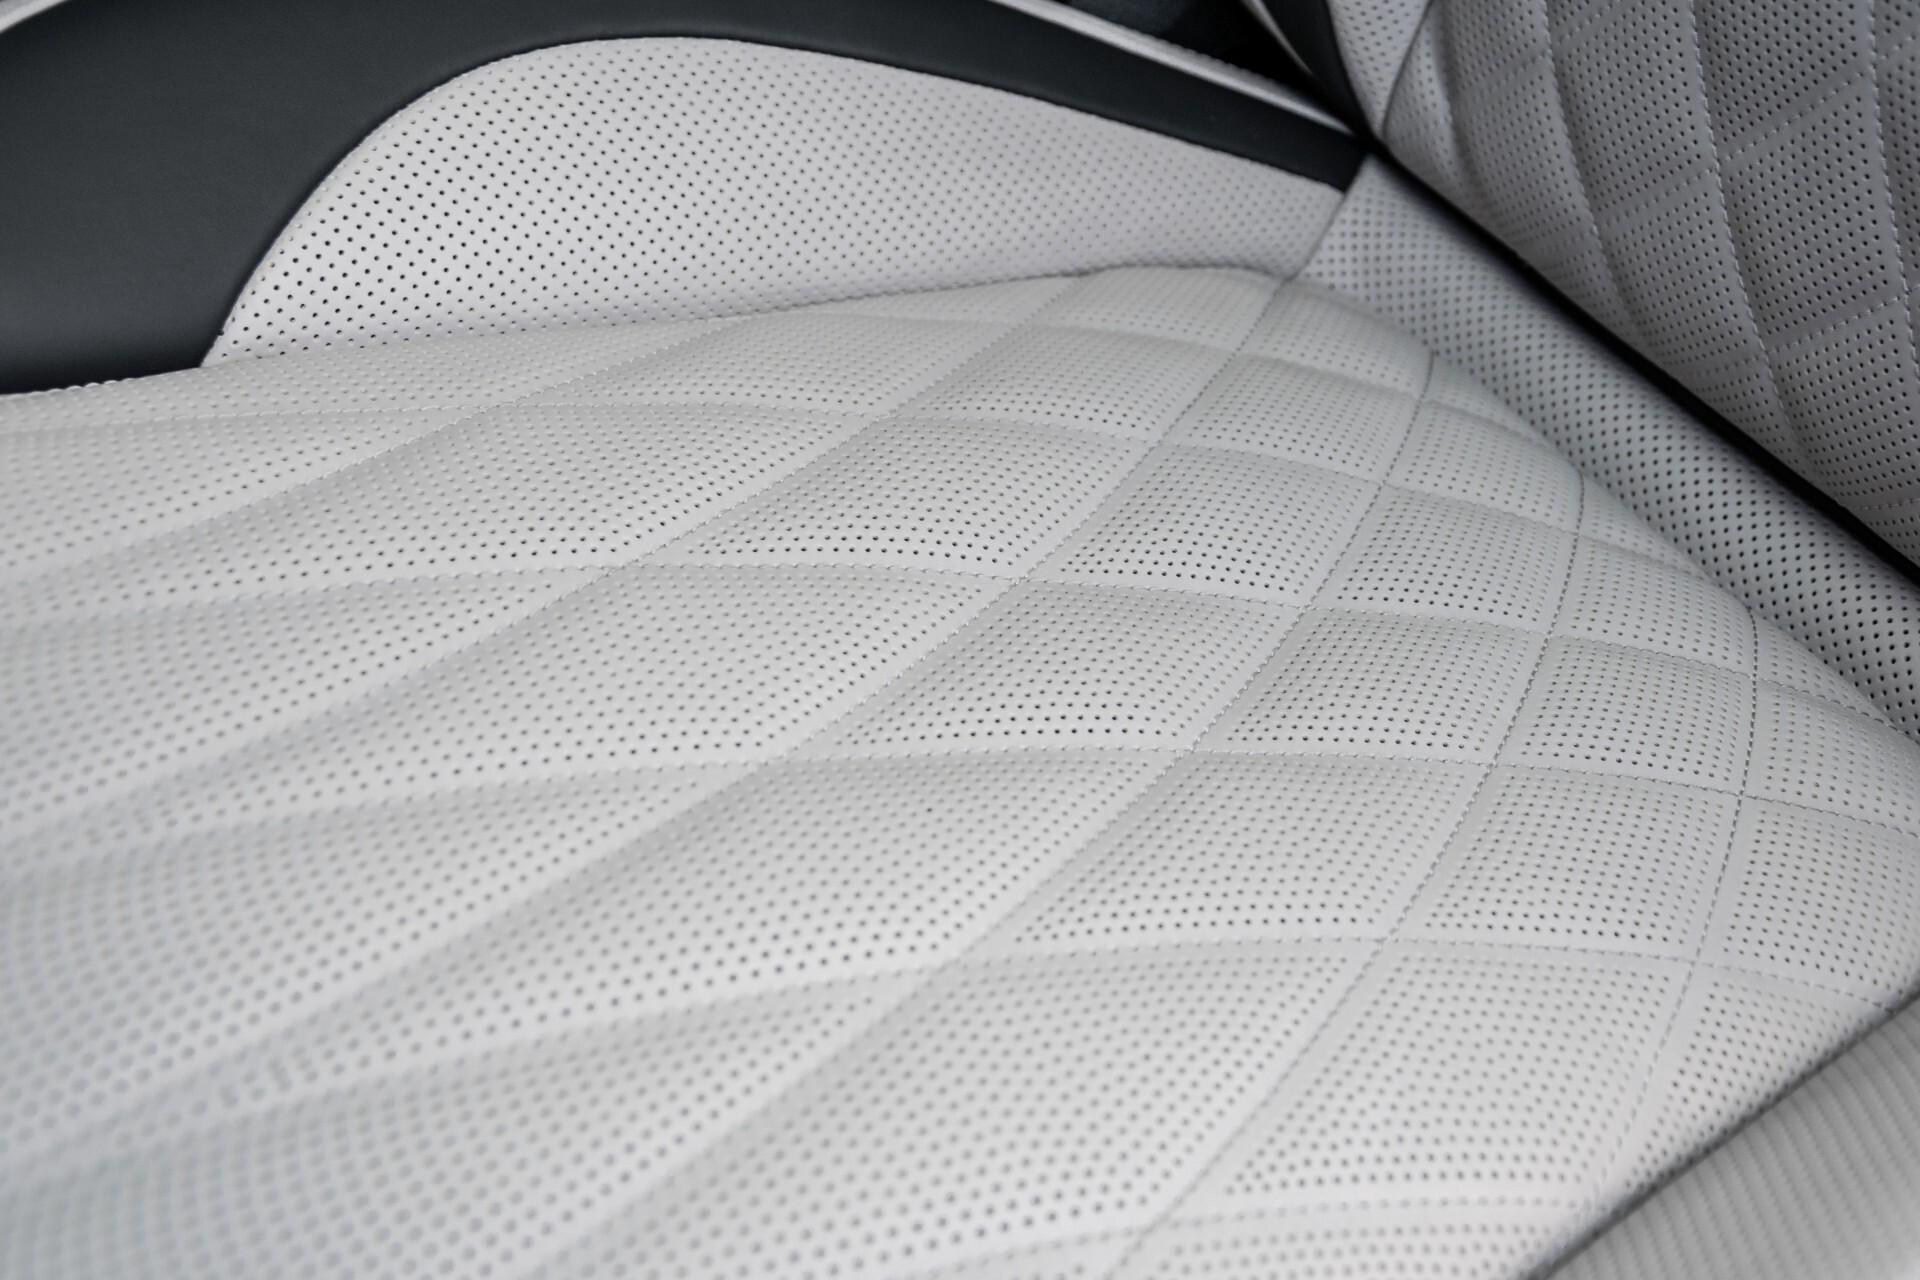 Mercedes-Benz G-Klasse 63 Manufaktur/Carbon/Massage/Entertainment/Drivers Package/TV Aut9 Foto 56